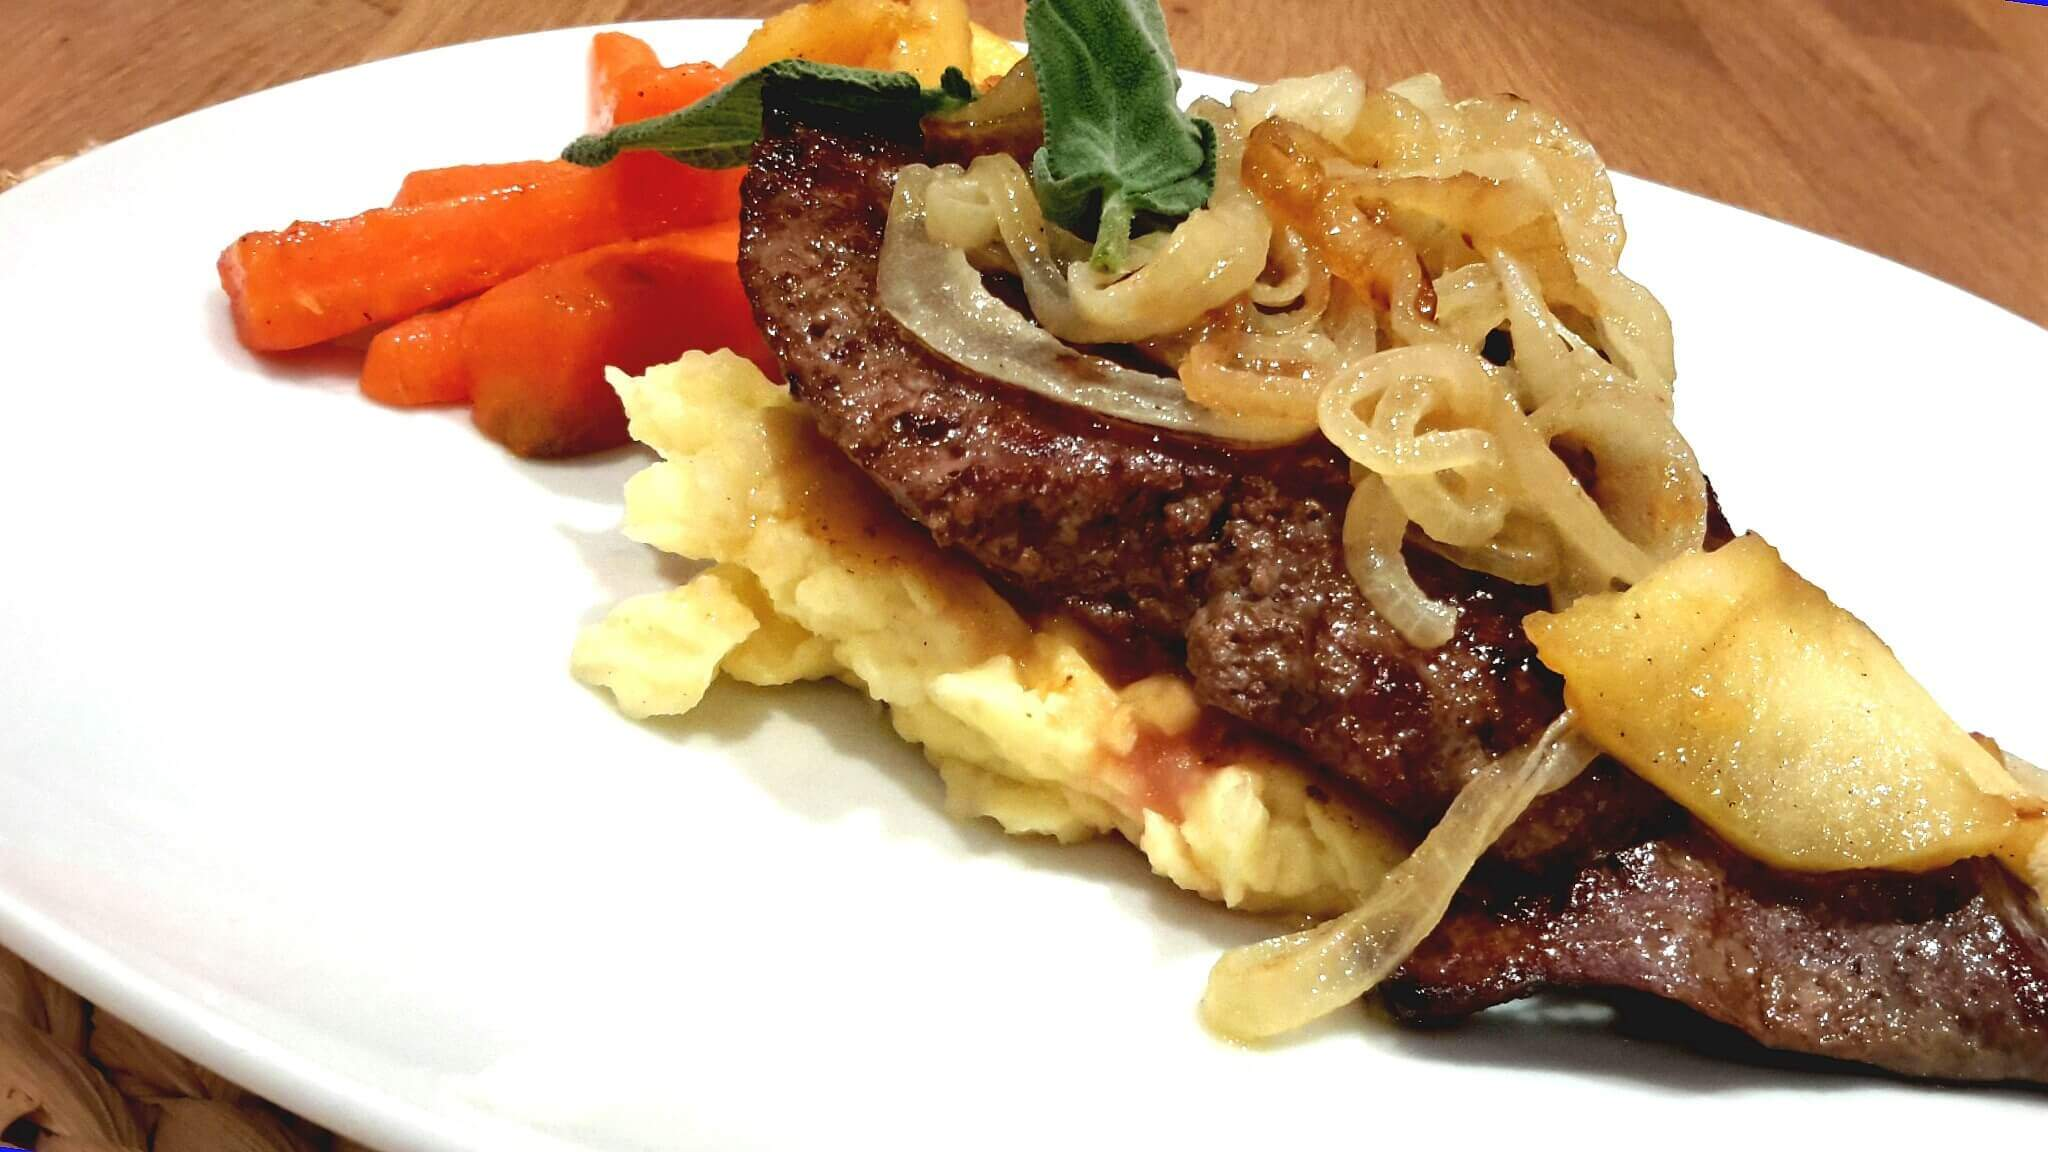 Kalbsleber mit Kartoffelcreme und karamelisiertem Gemüse